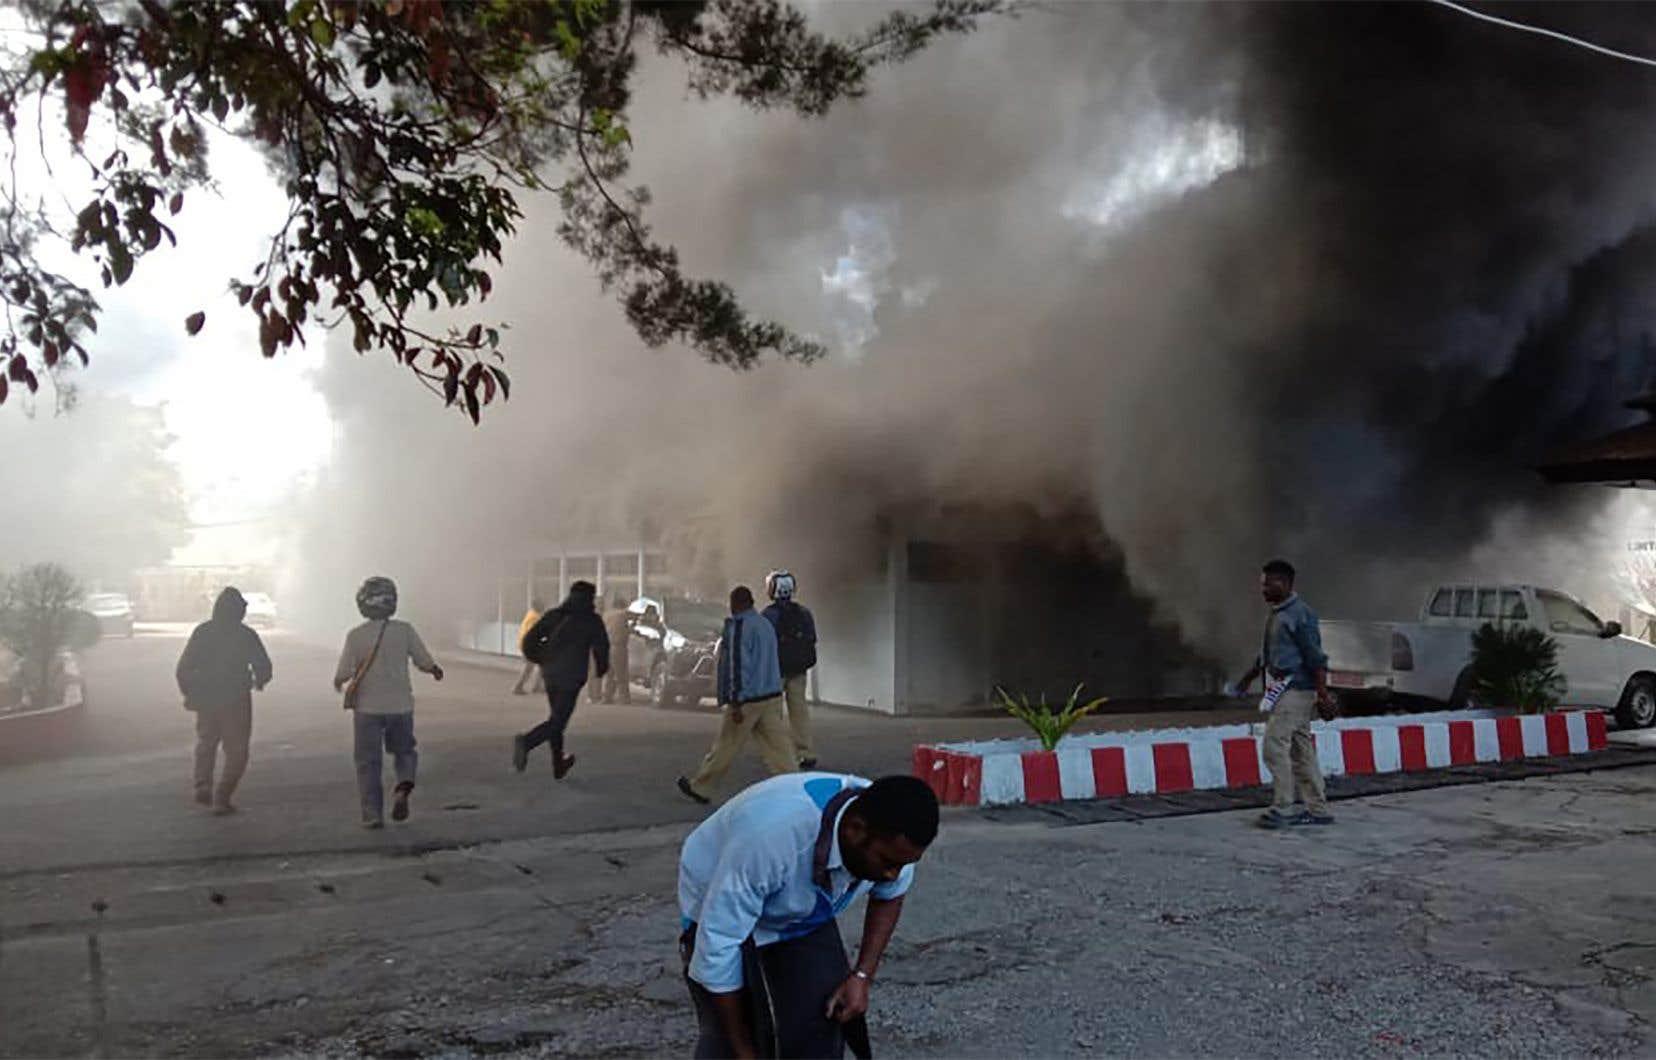 Dans la ville de Wamena, au centre de la Papouasie, 26 personnes sont mortes après une manifestation lundi.